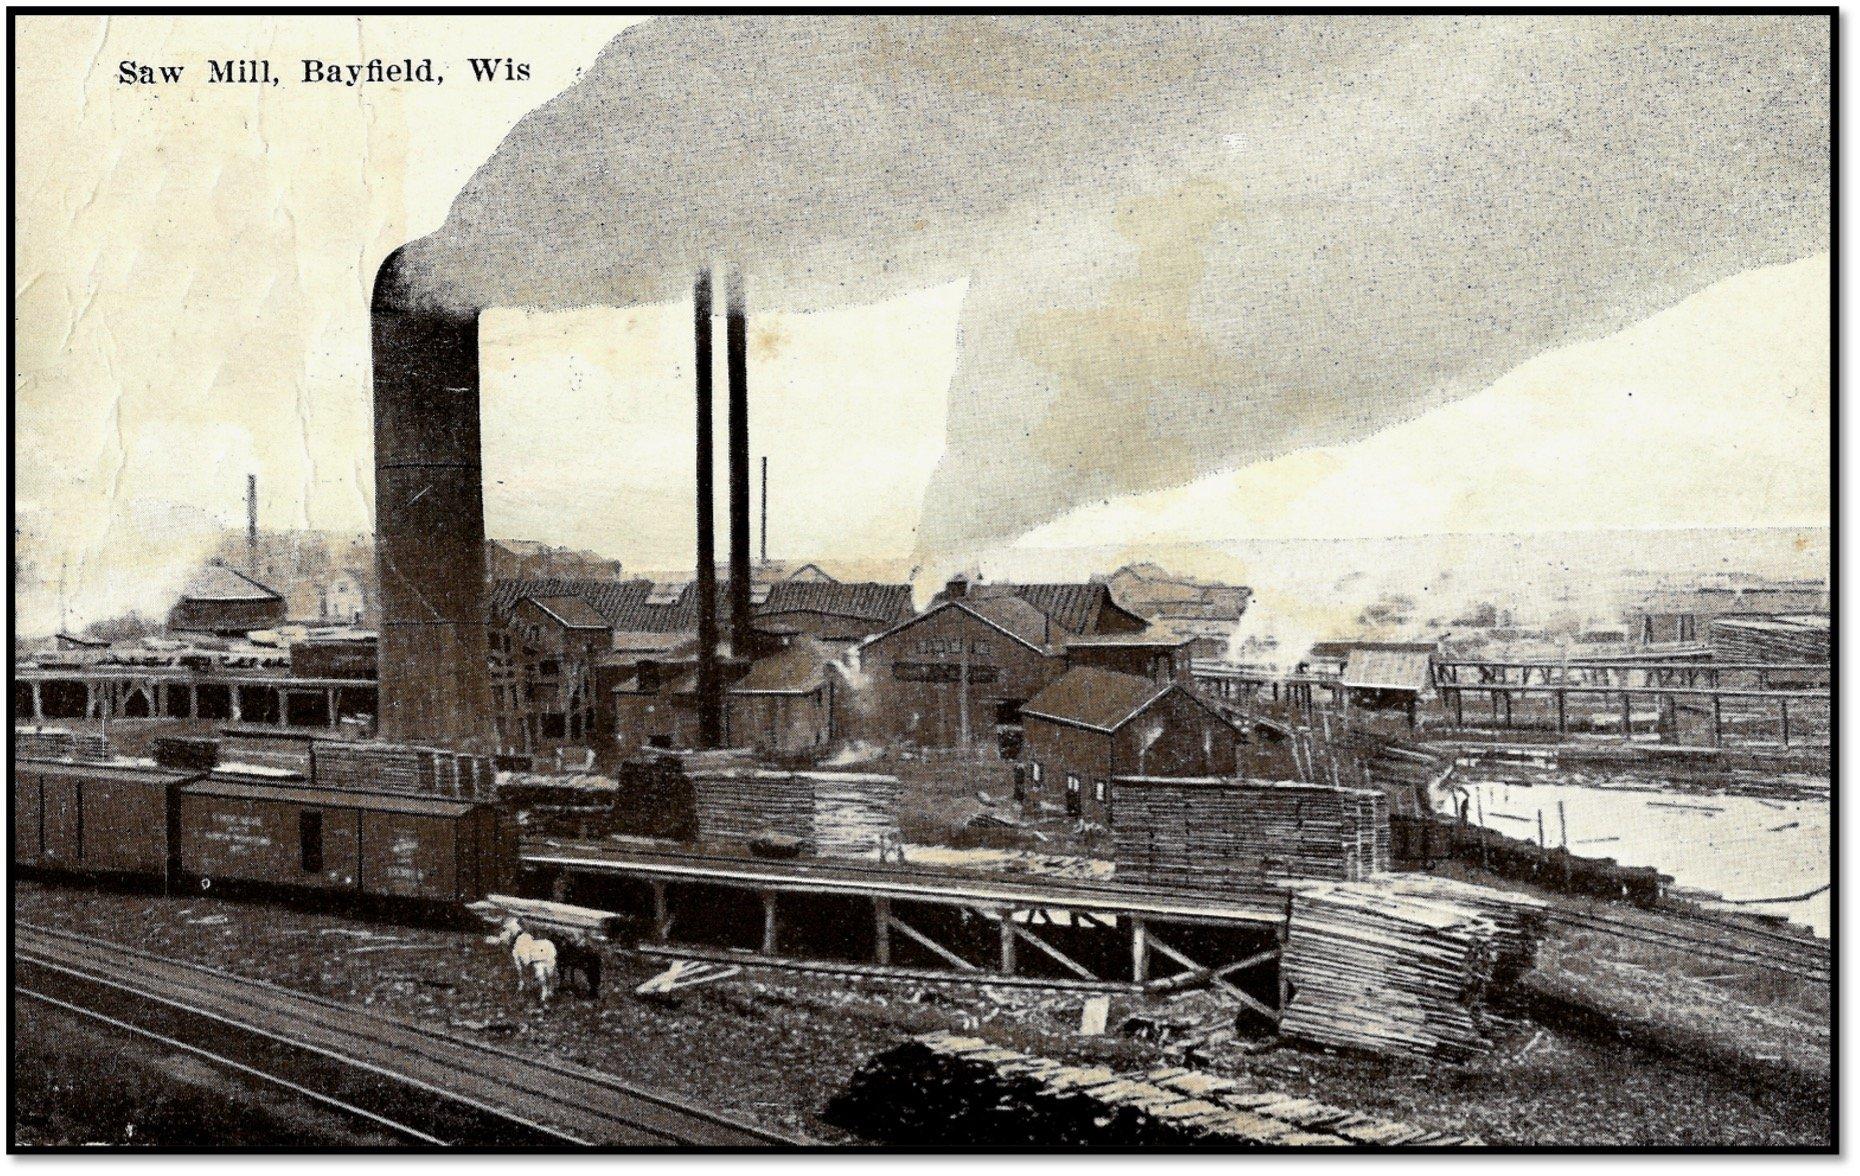 Sawmill Post Card BHA 80.1.519